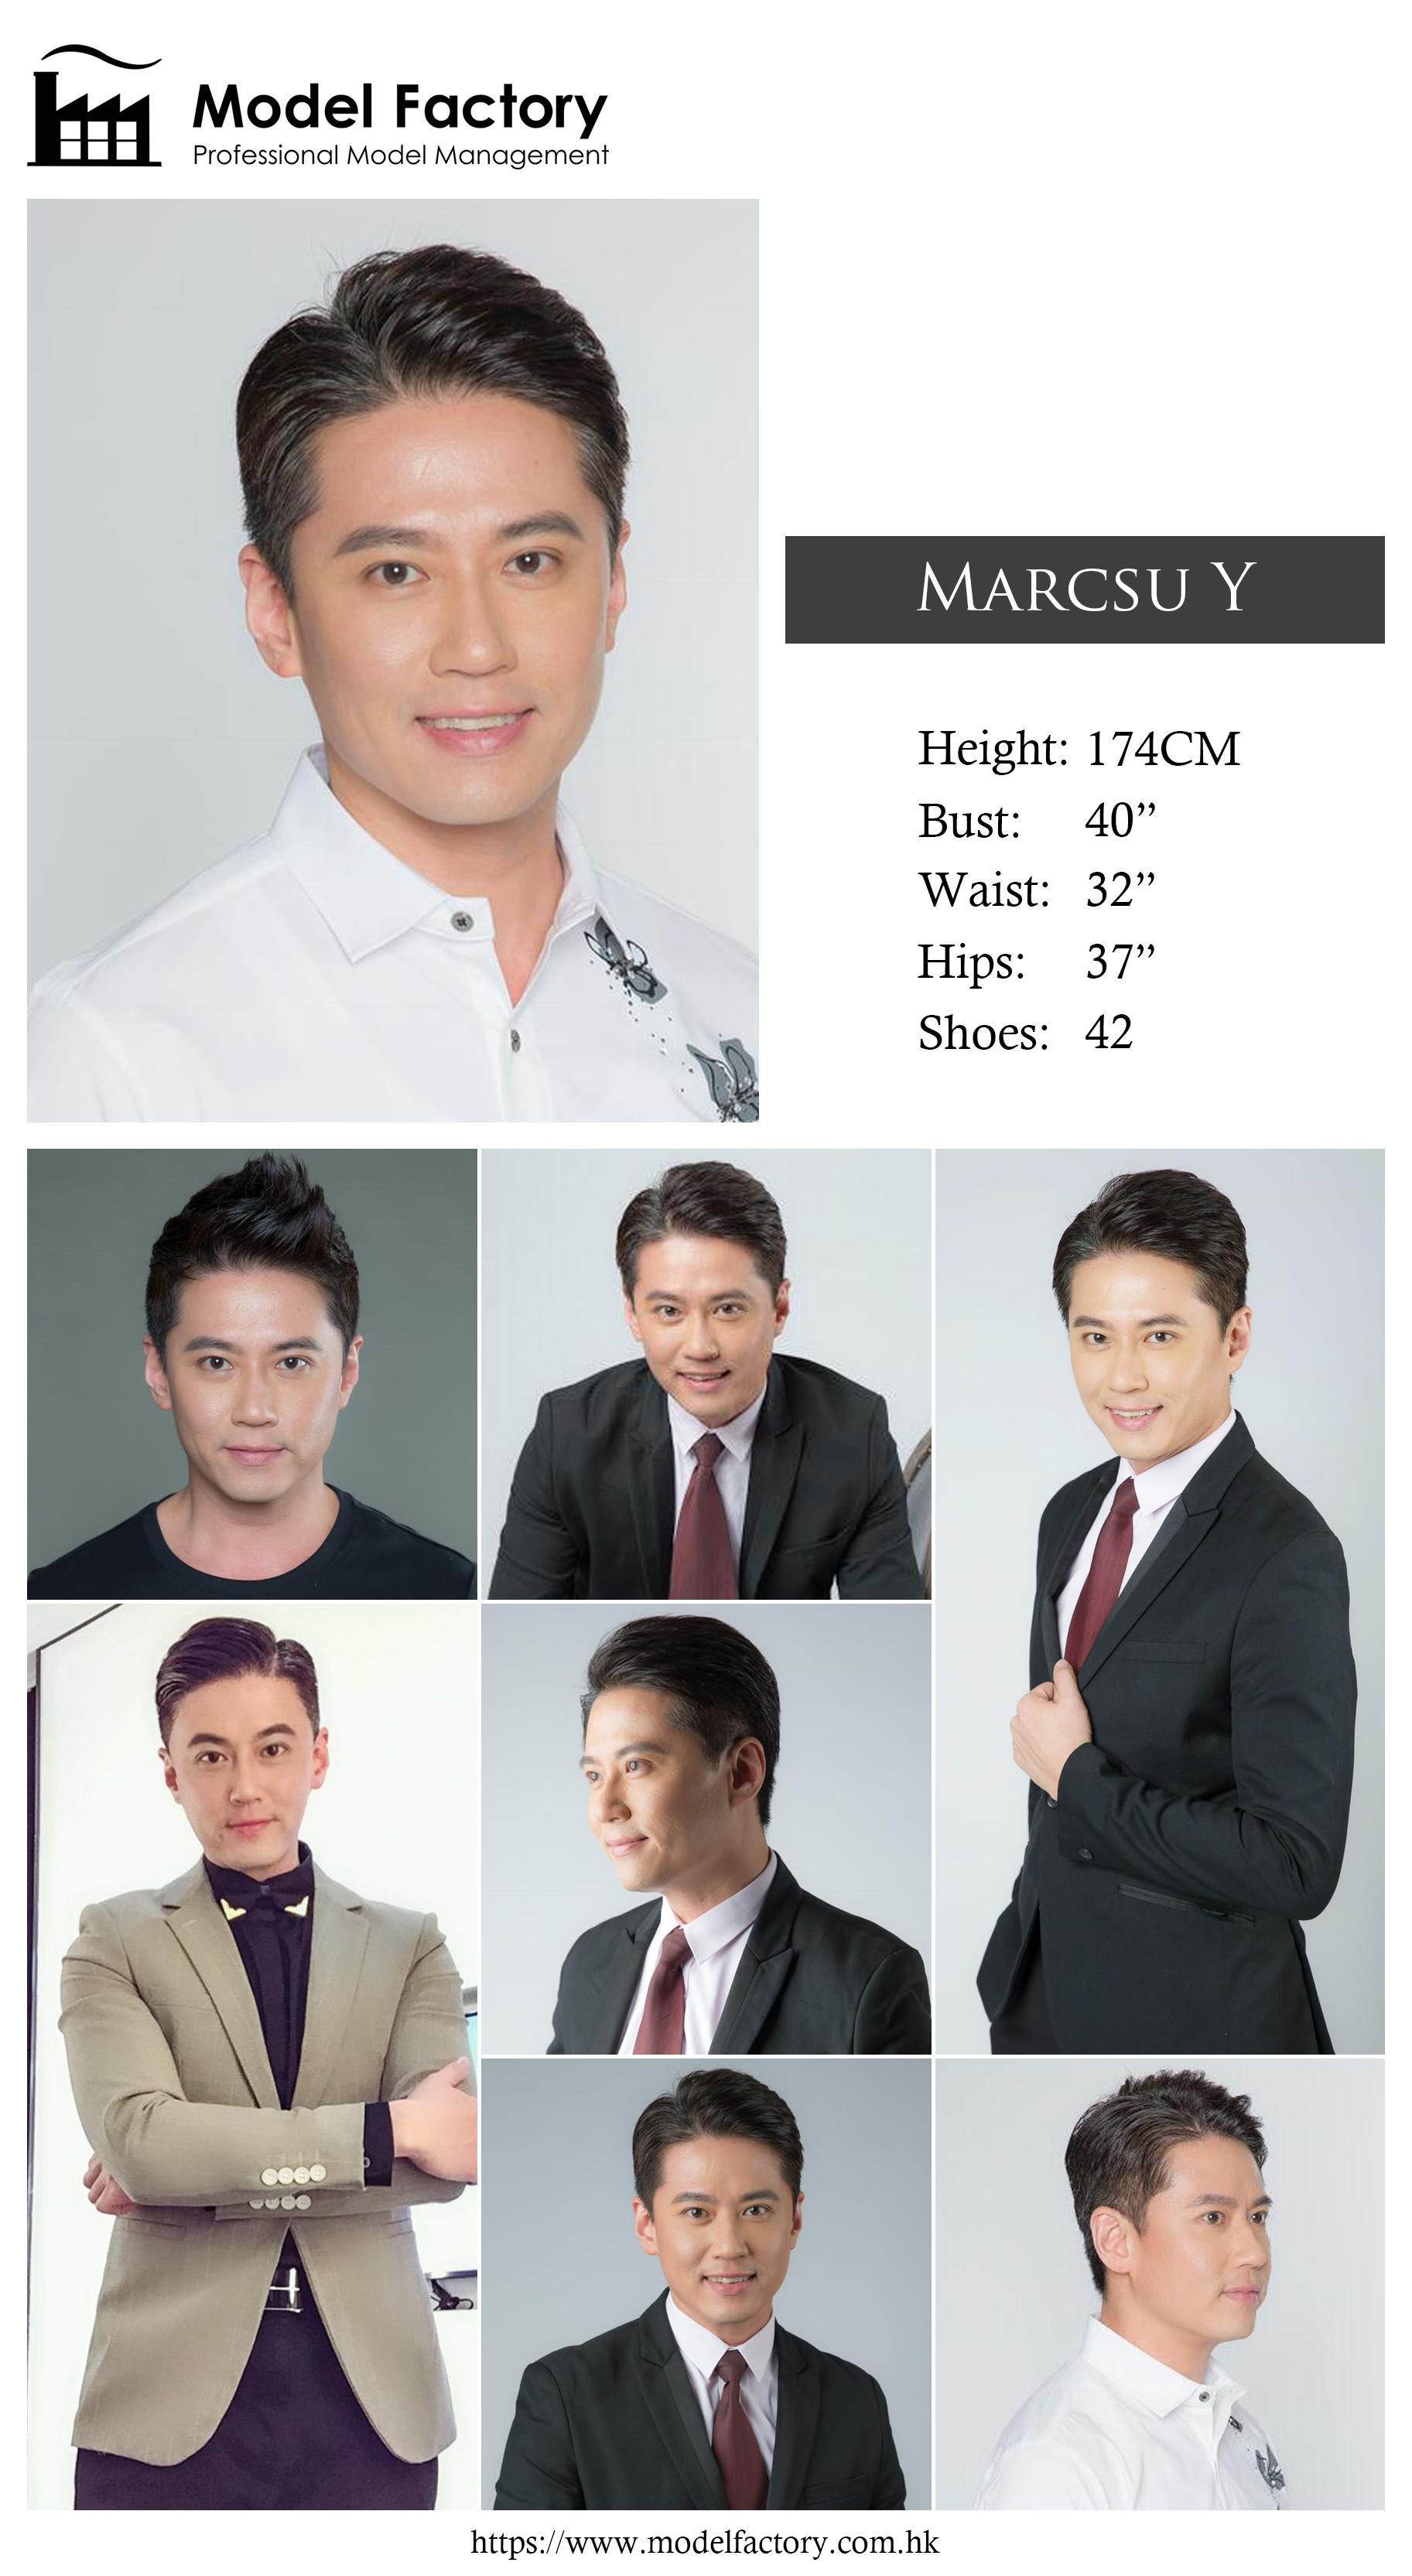 Model Factory Hong Kong Male Model MarcusY